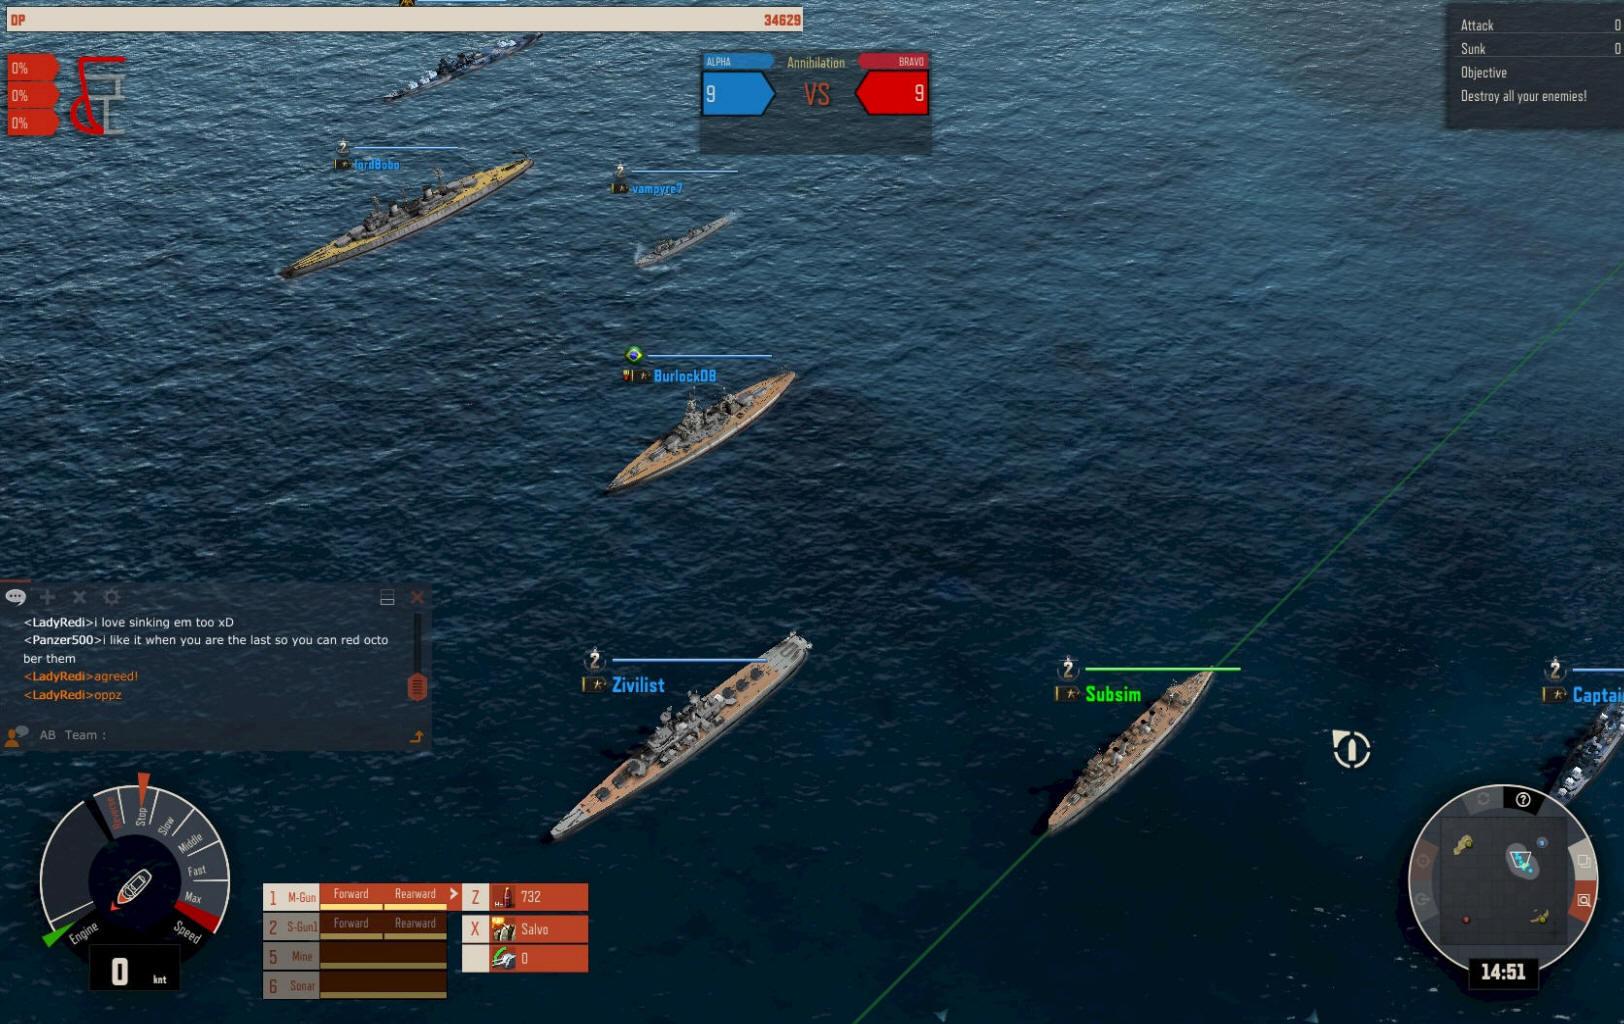 best naval simulators for pc the best 10 battleship games. Black Bedroom Furniture Sets. Home Design Ideas